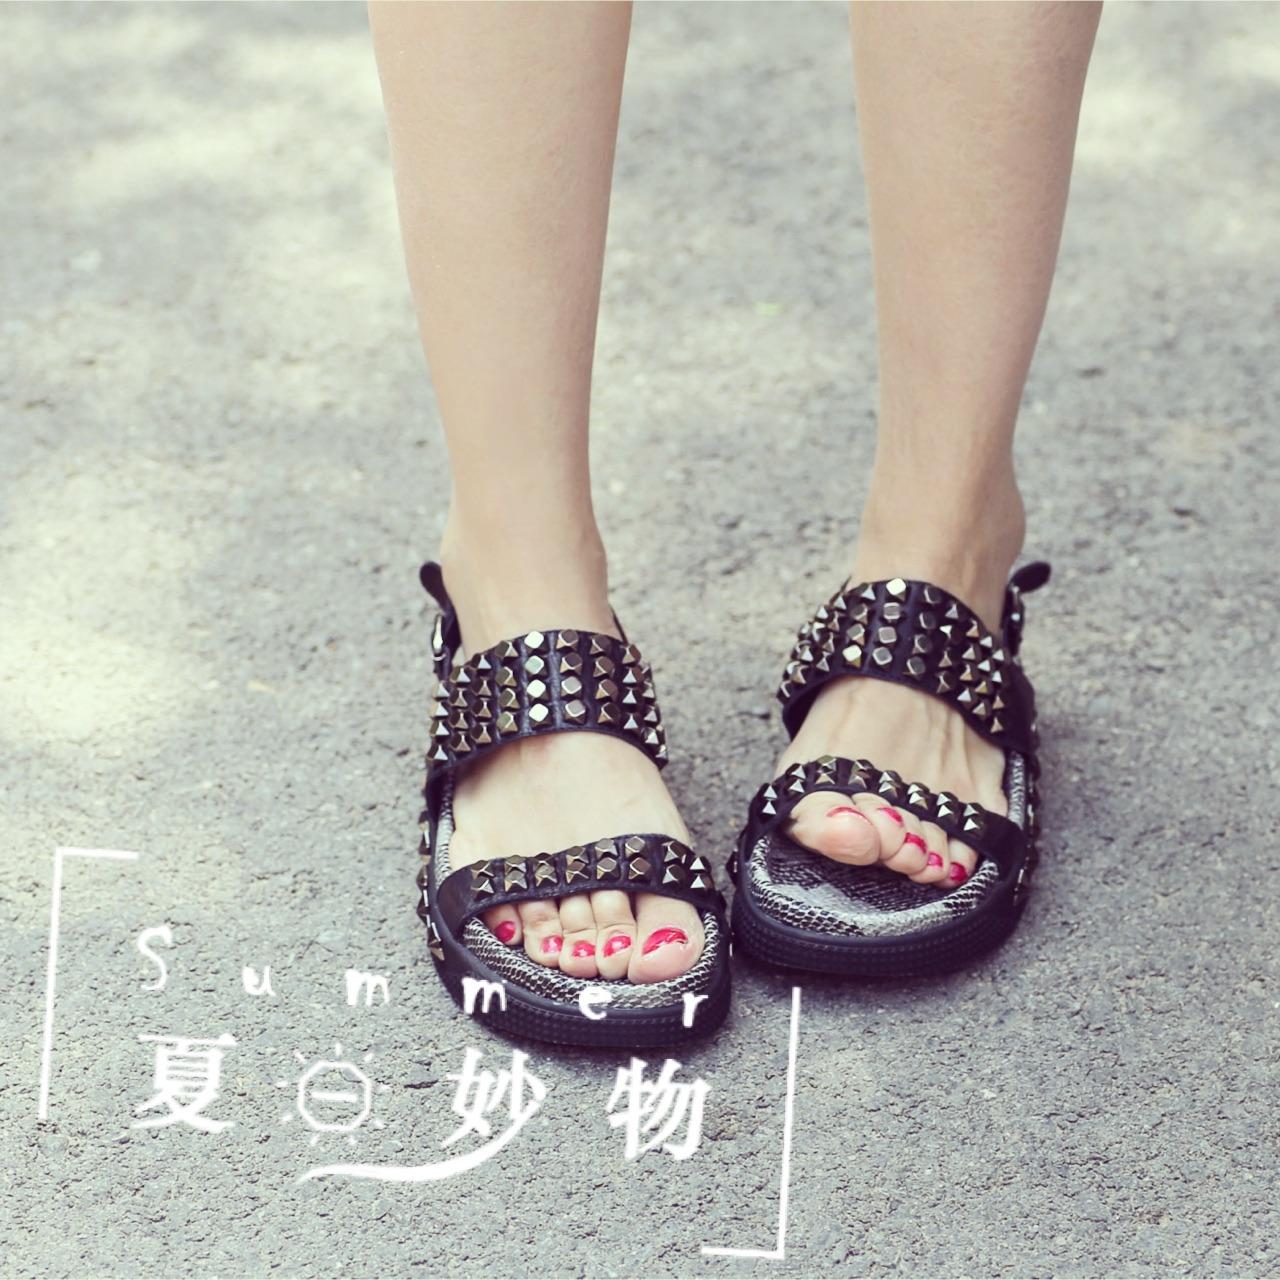 周末阳光下暴走穿搭分享 北京下了好几天的雨, 天气晴了以后竟然不热真的是让人心情愉悦, 和闺蜜暴走在阳光下, 好在穿搭比较舒服, 不热而且暴走十几公里分分钟的事儿 (鞋子) 鞋子真心是舒适与美貌并存, 上面的铆钉质感棒棒嗒, 这种鞋子一出现首先担心的就是搭配, 可是这个小品牌完全屏蔽这些顾虑, 包包是鞋子附送的, 搭在一起感觉特别合适, 不要担心赠品的质量, 这绝对是赠品中的极品 (裤子) 裤子真的不再是烂大街的纯牛仔 我以为我的白T这个夏天注定与可爱无缘, 裤子一搭配真的活跃不少, 米奇很给力,可